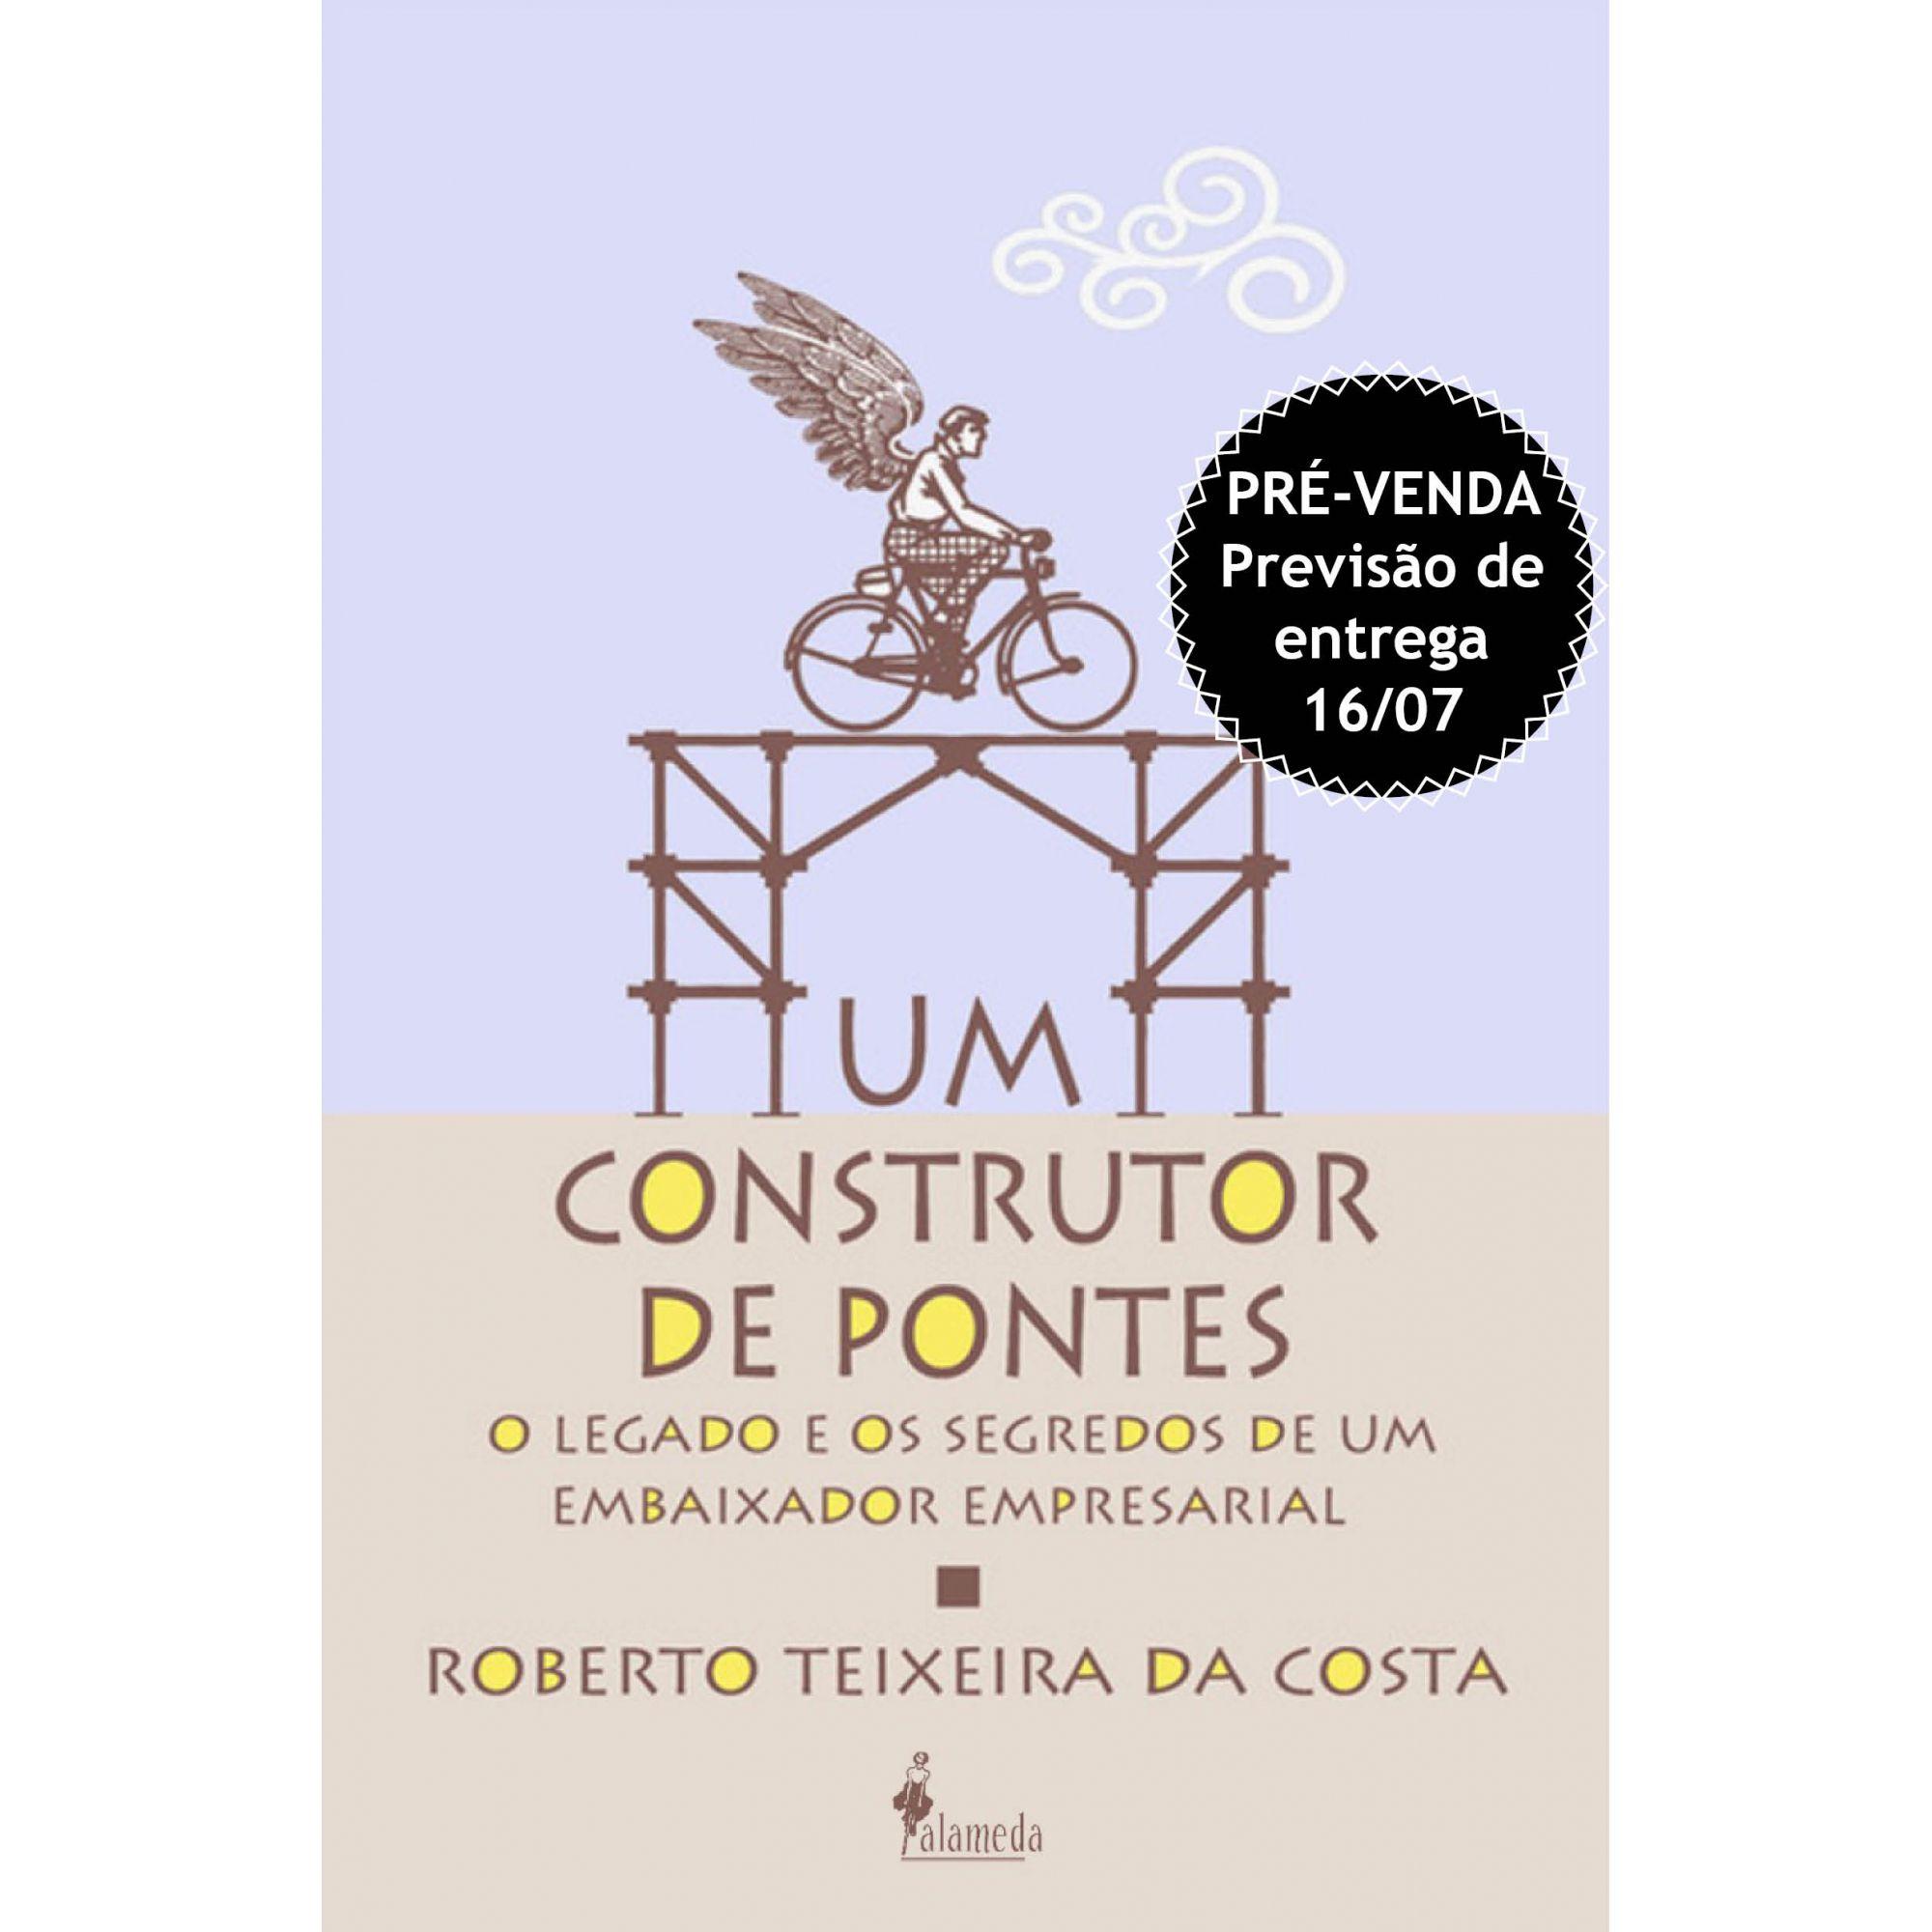 PRÉ-VENDA: Um construtor de pontes, de Roberto Teixeira da Costa  (PREVISÃO DE ENTREGA 16/07/2020)